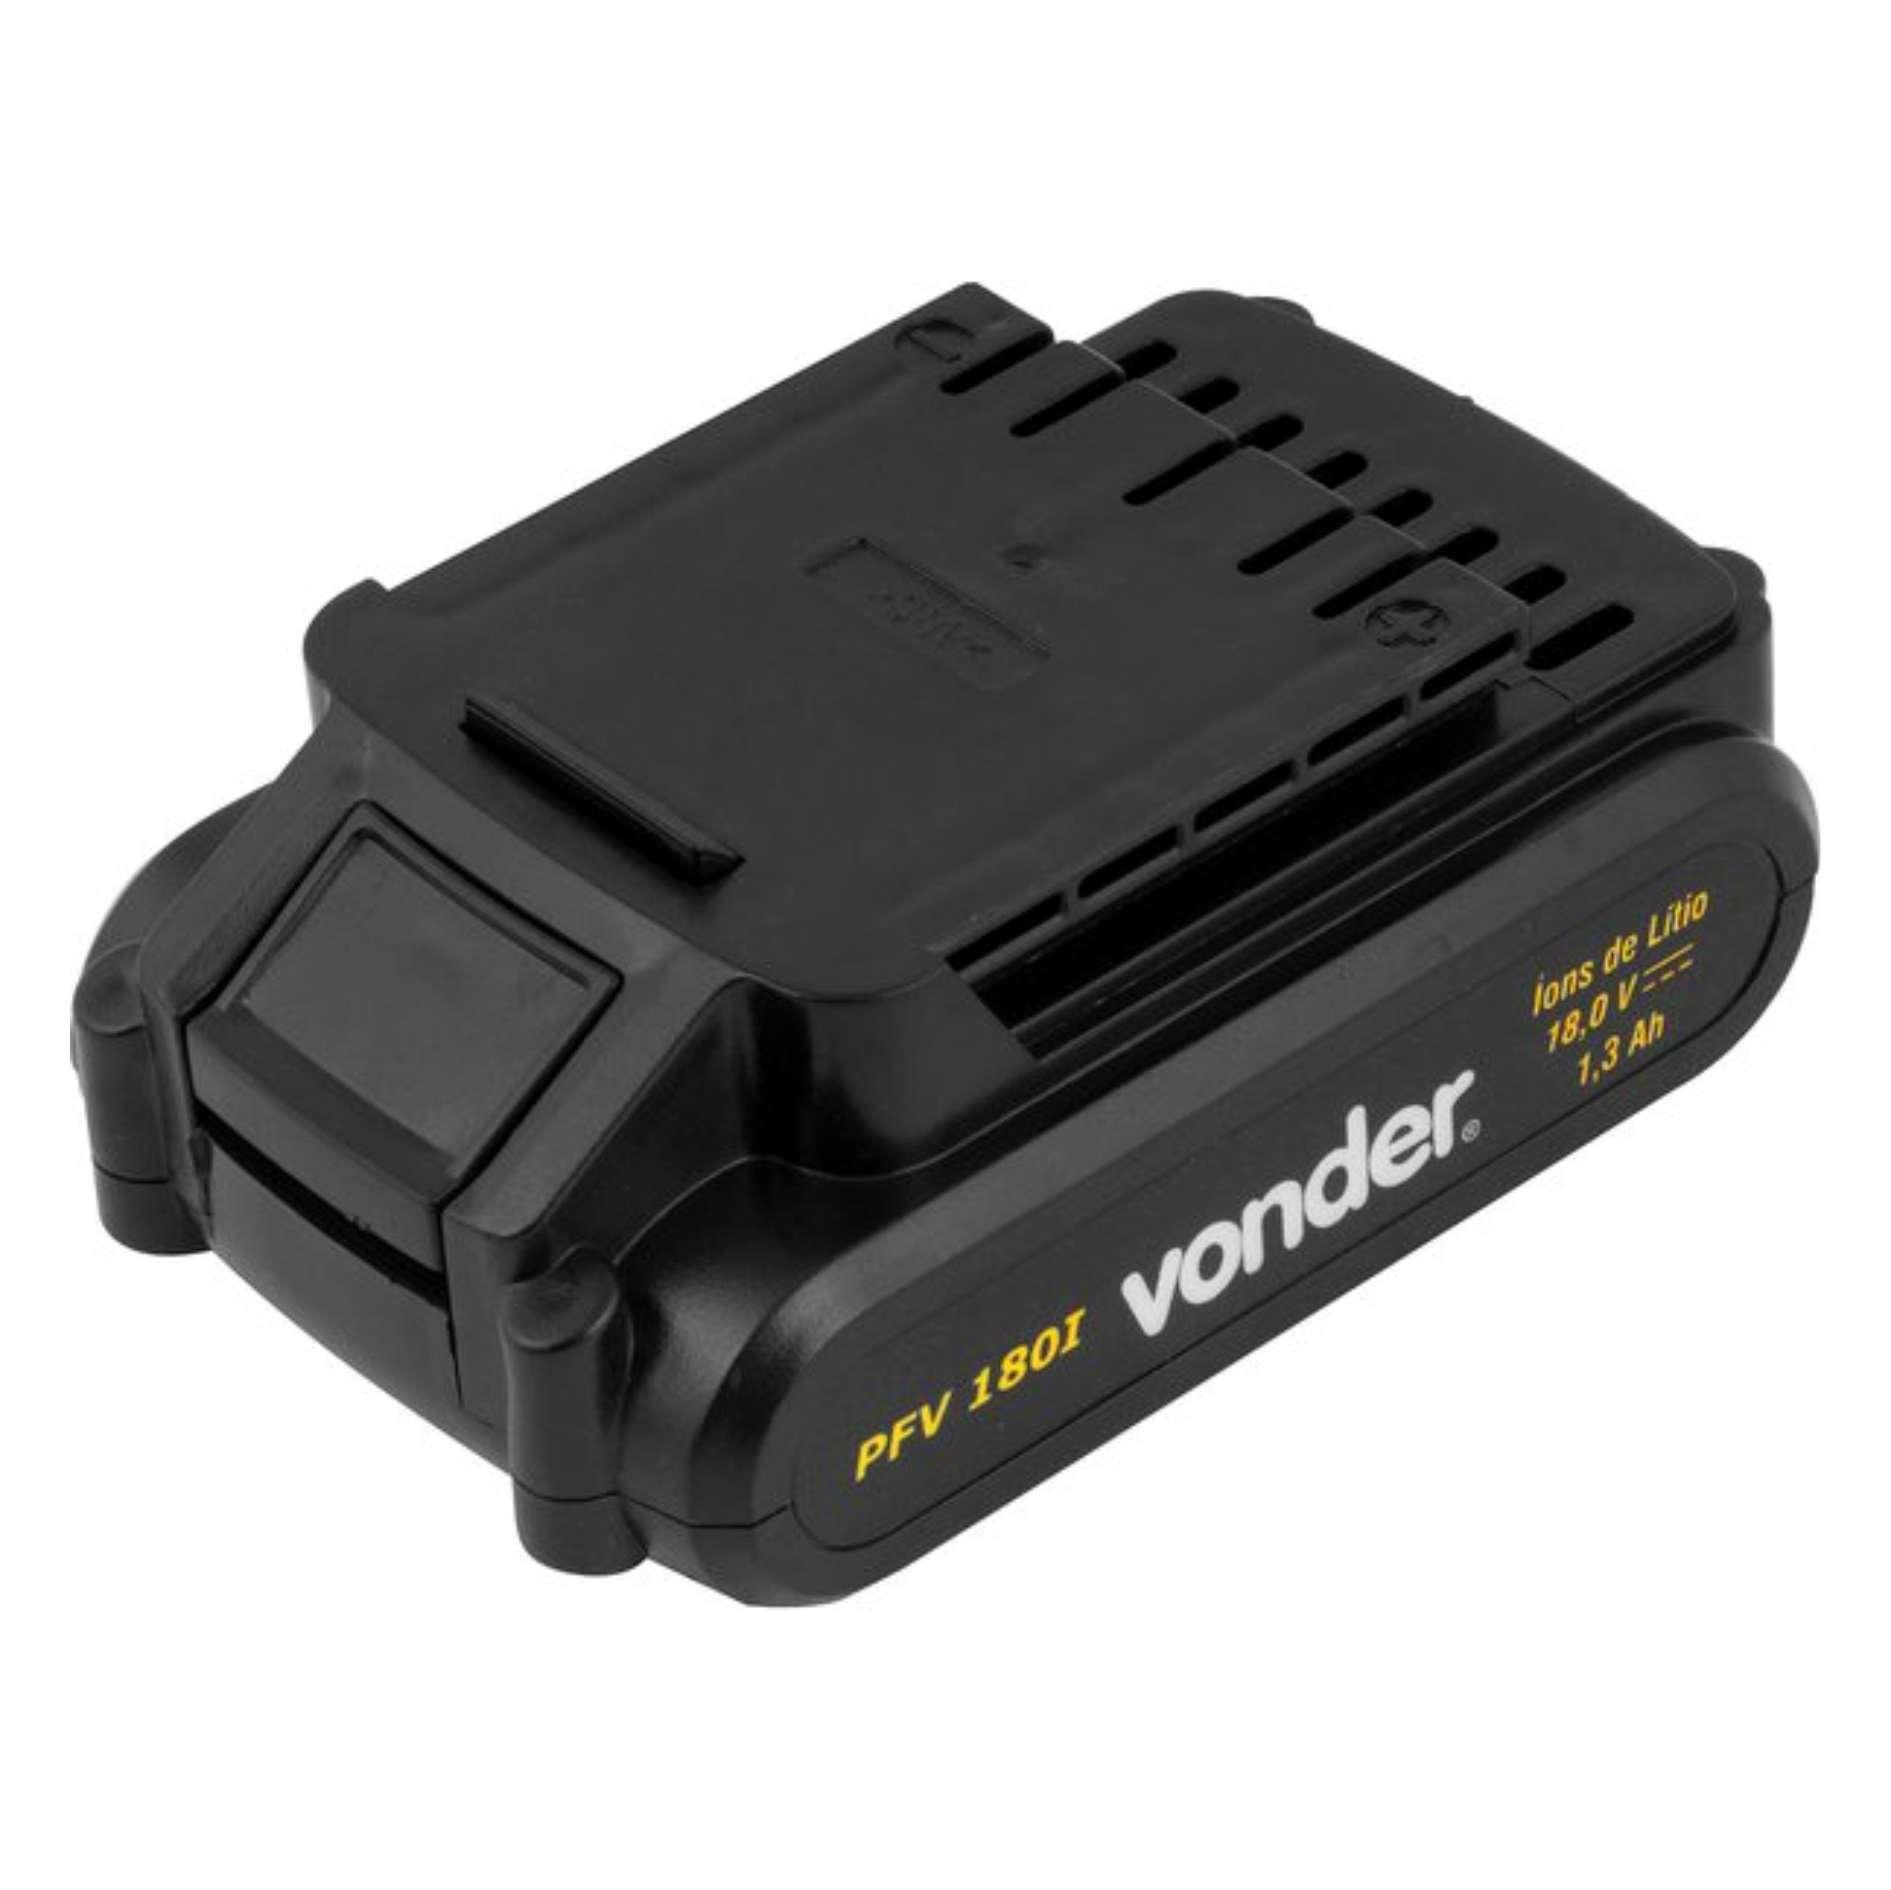 Furadeira Parafusadeira Impacto Vonder PFV180i Bateria 18v Bivolt 1450RPM